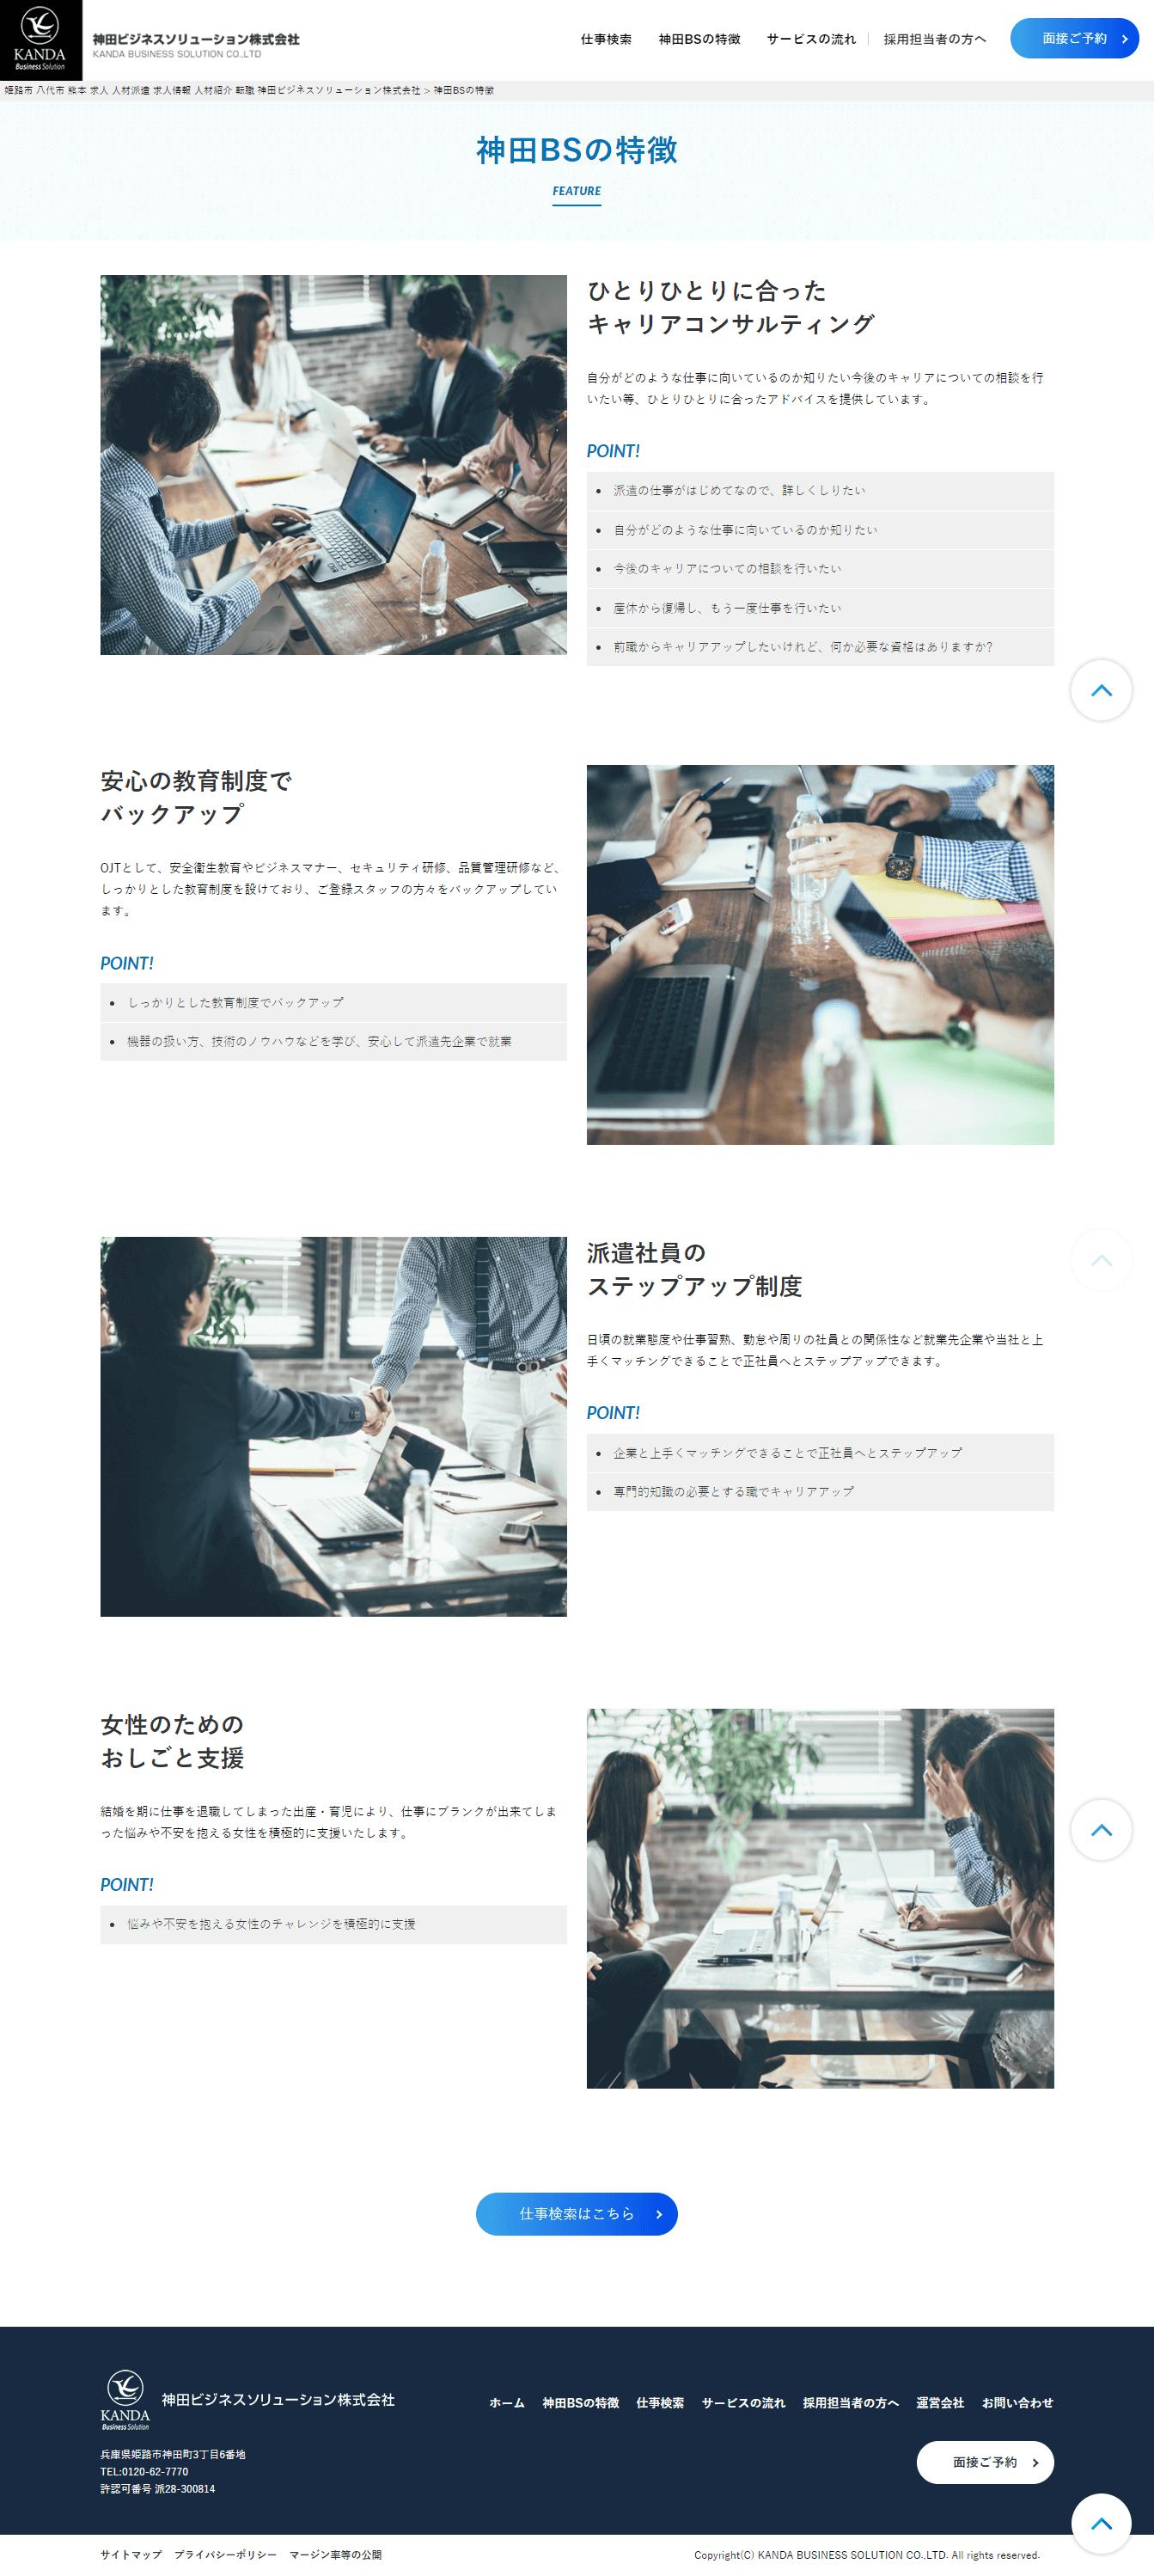 姫路市 神田ビジネスソリューション株式会社 ホームページ制作2